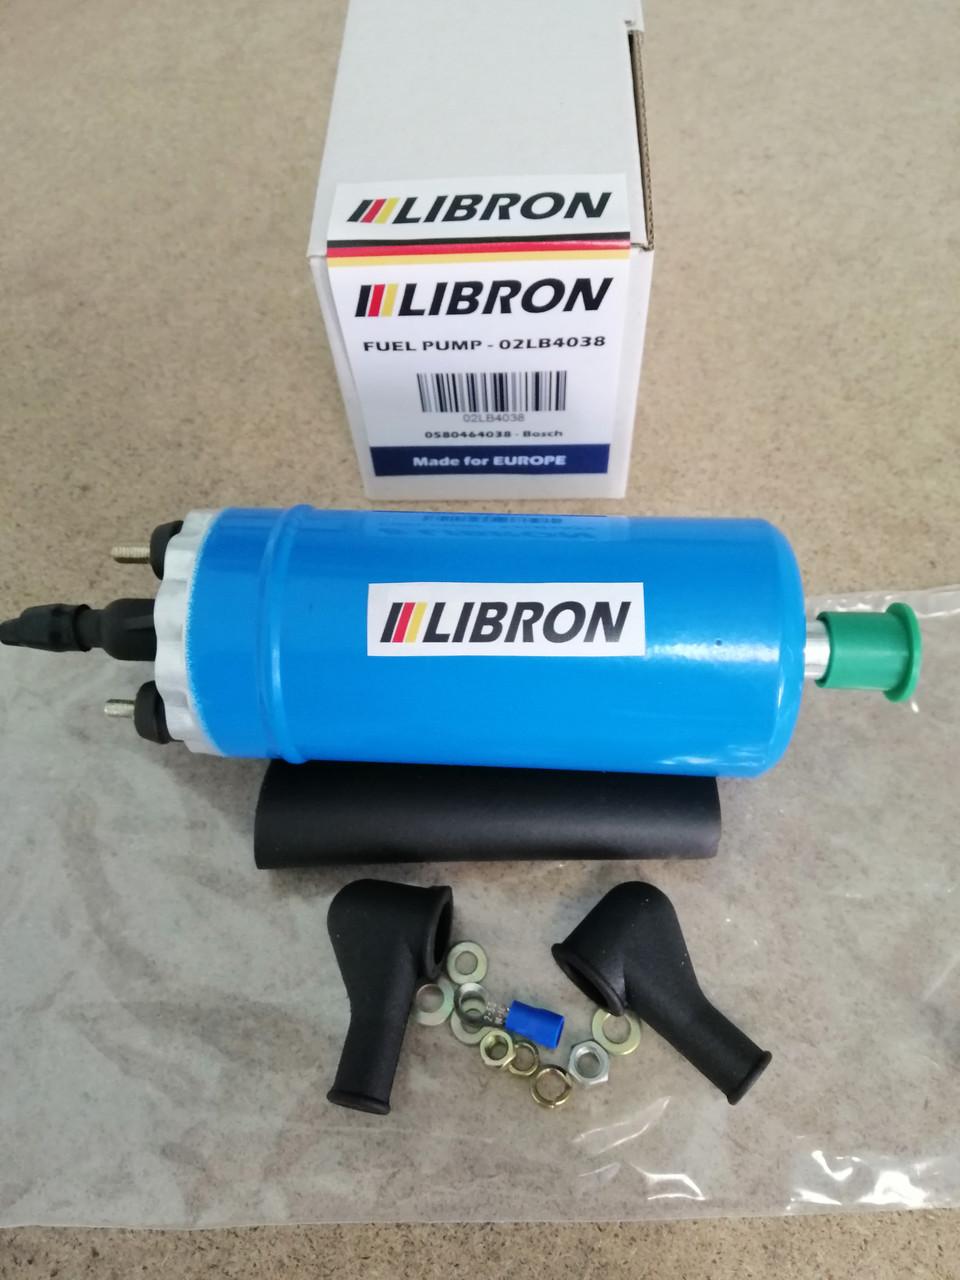 Бензонасос LIBRON 02LB4038 - Опель Омега A универсал (66_, 67_) 2.0 i (1990-1994)